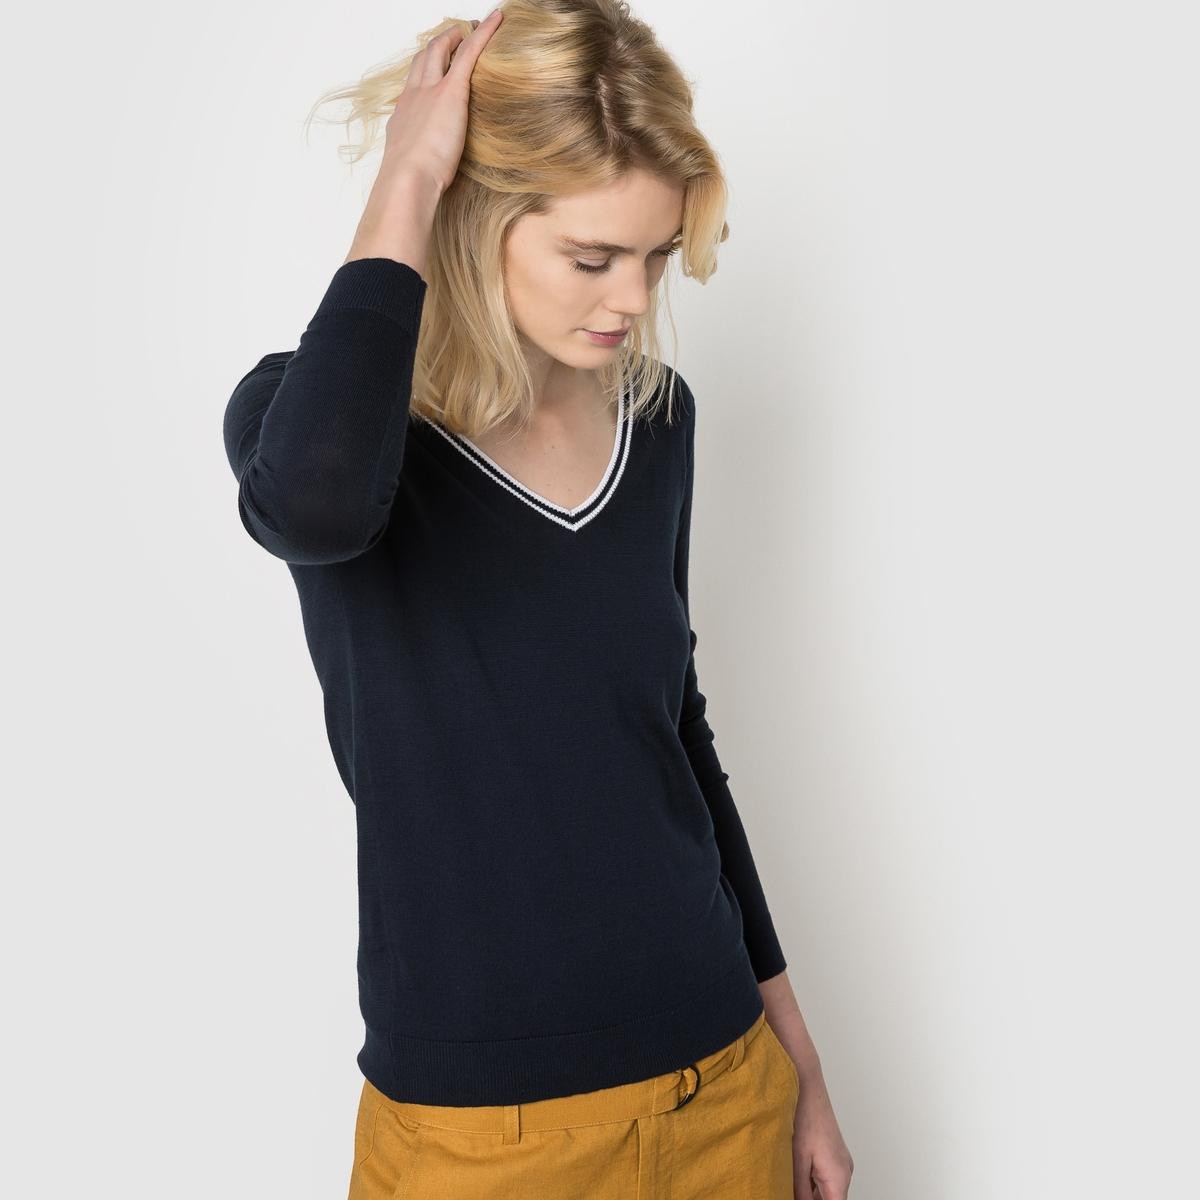 Пуловер 100% хлопка с V-образным вырезомПуловер с V-образным вырезом . 100% хлопка .Воротник с контрастным кантом .  Края выреза, манжет и низа связаны в рубчик . Длина 64 см.<br><br>Цвет: черный